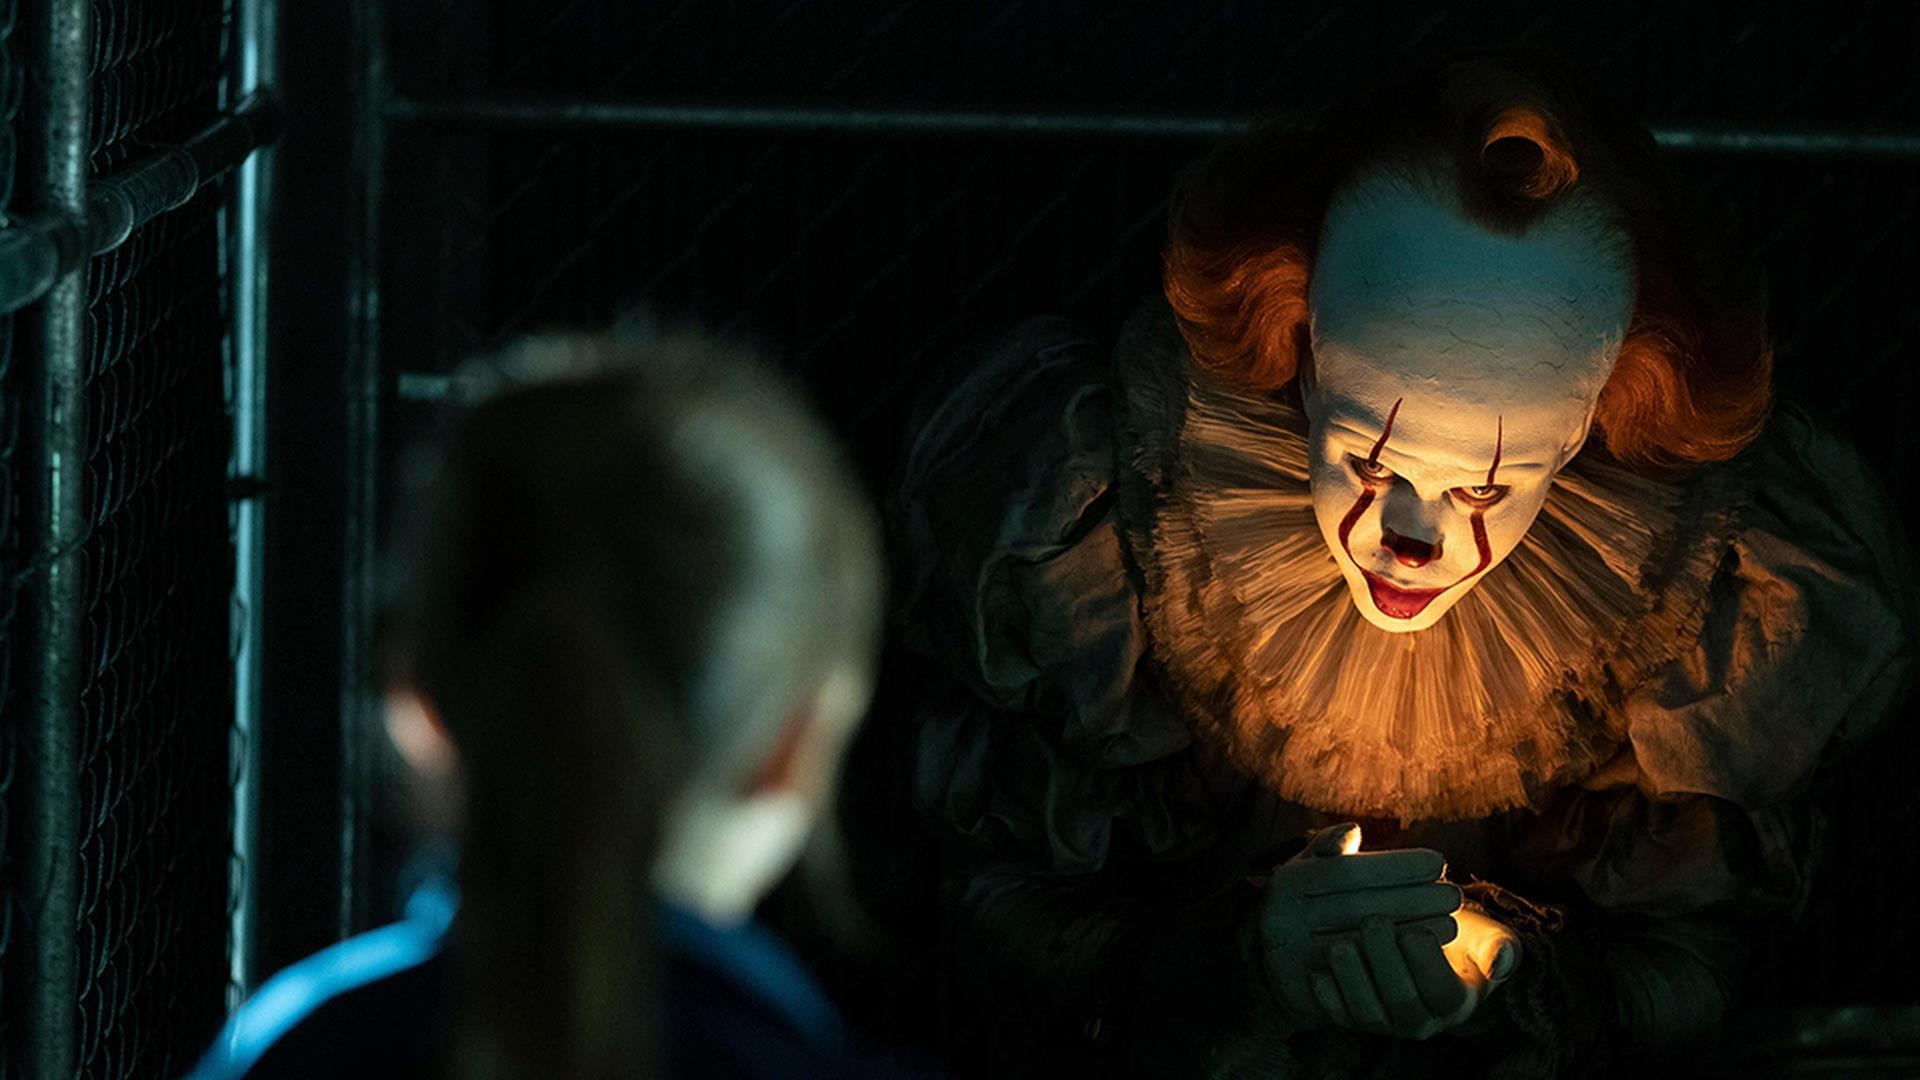 Lo Scandalo Della Collana Film i migliori film horror del 2019: la classifica